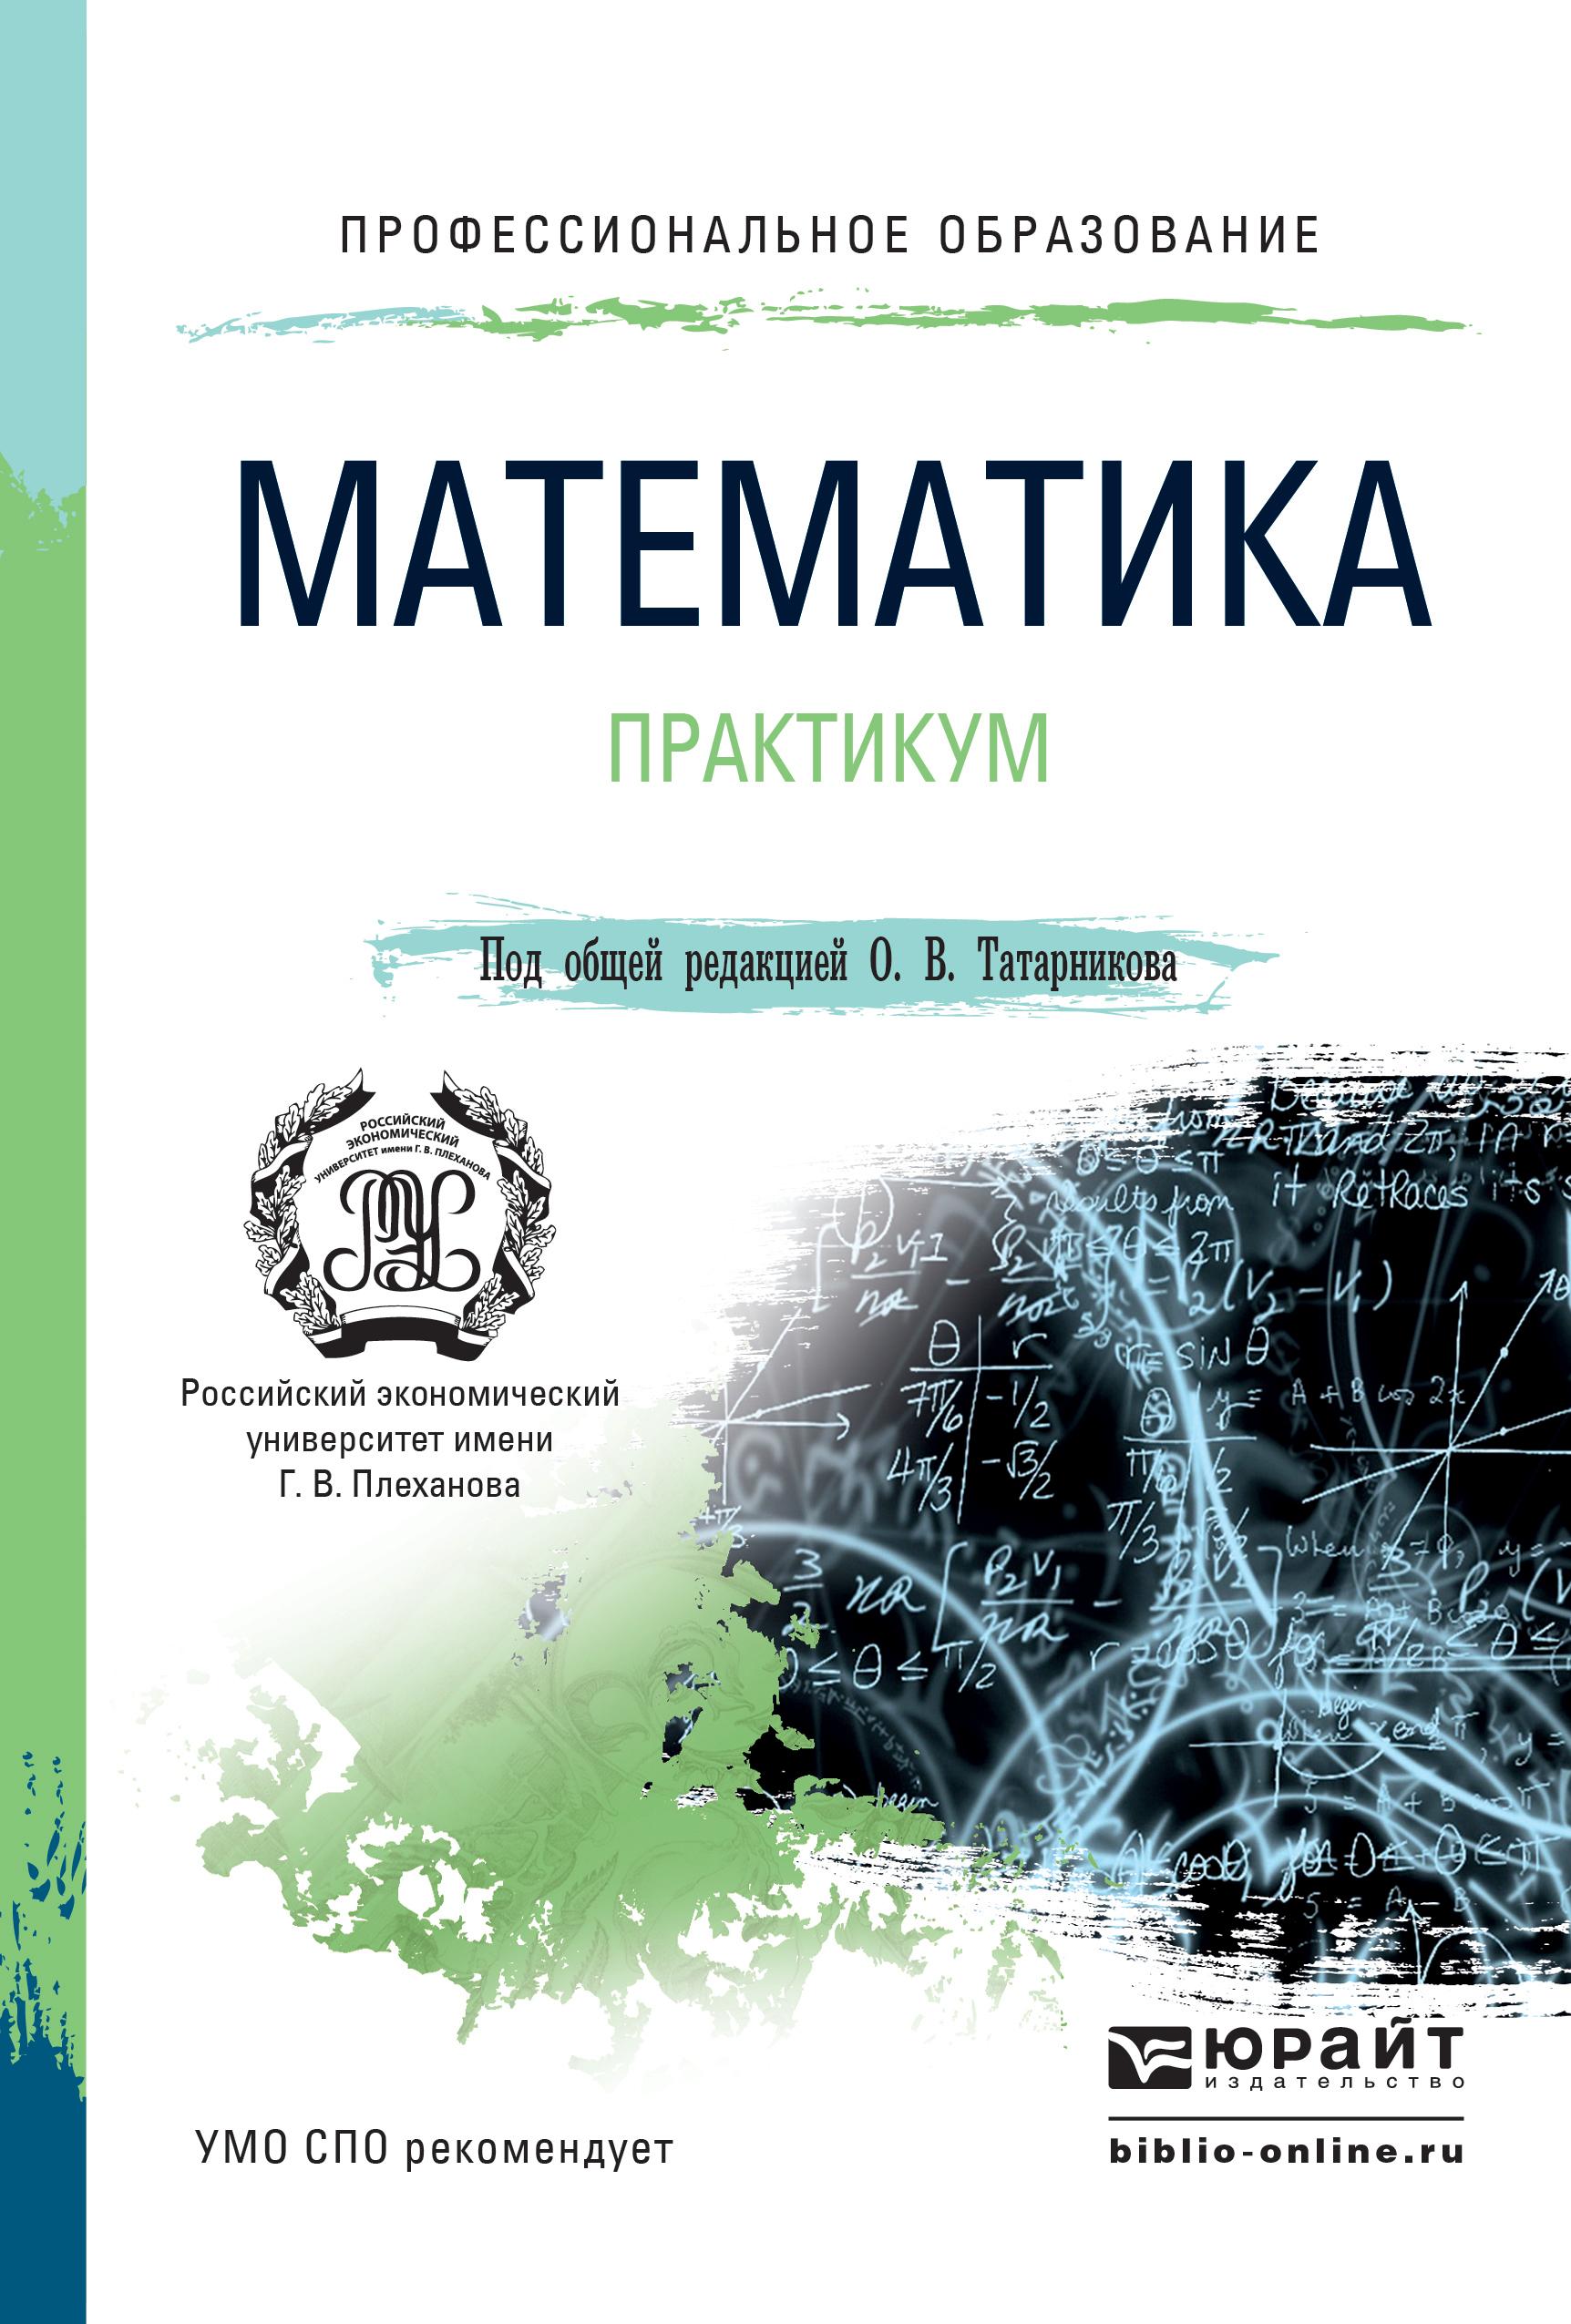 Математика. Практикум. Учебное пособие для СПО